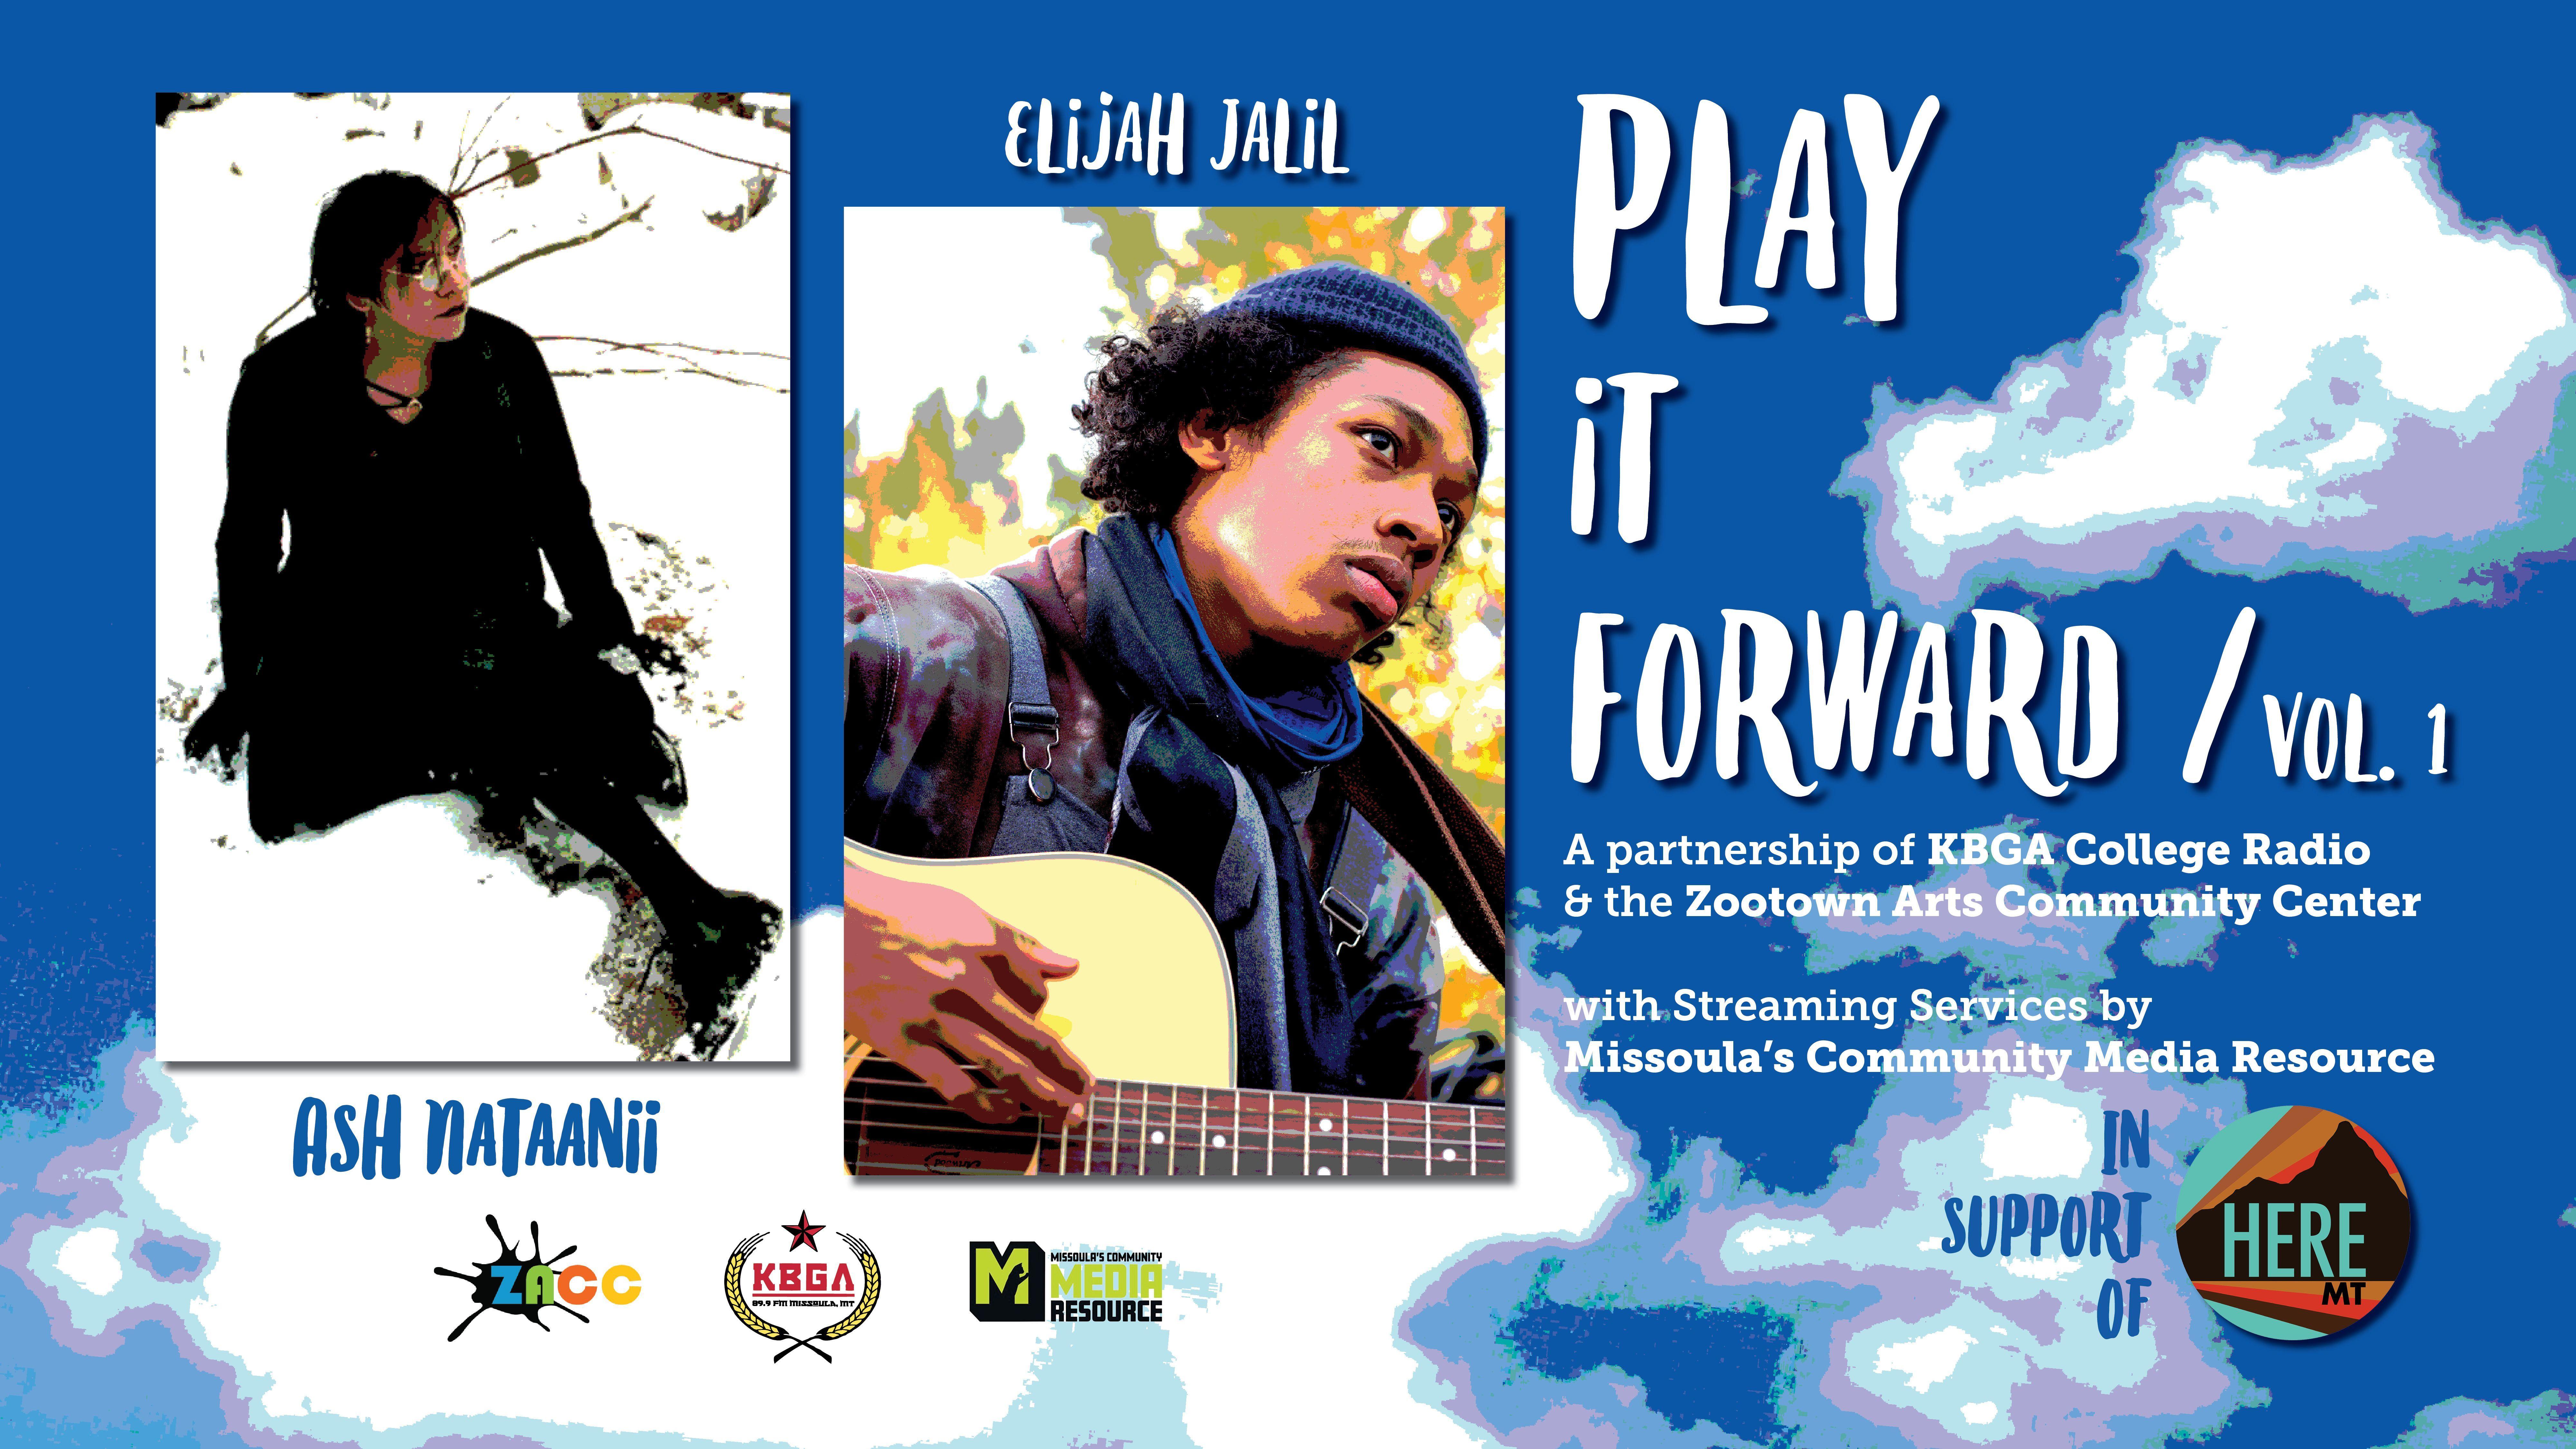 Play It Forward: Ash Nataanii & Elijah Jalil for HereMT